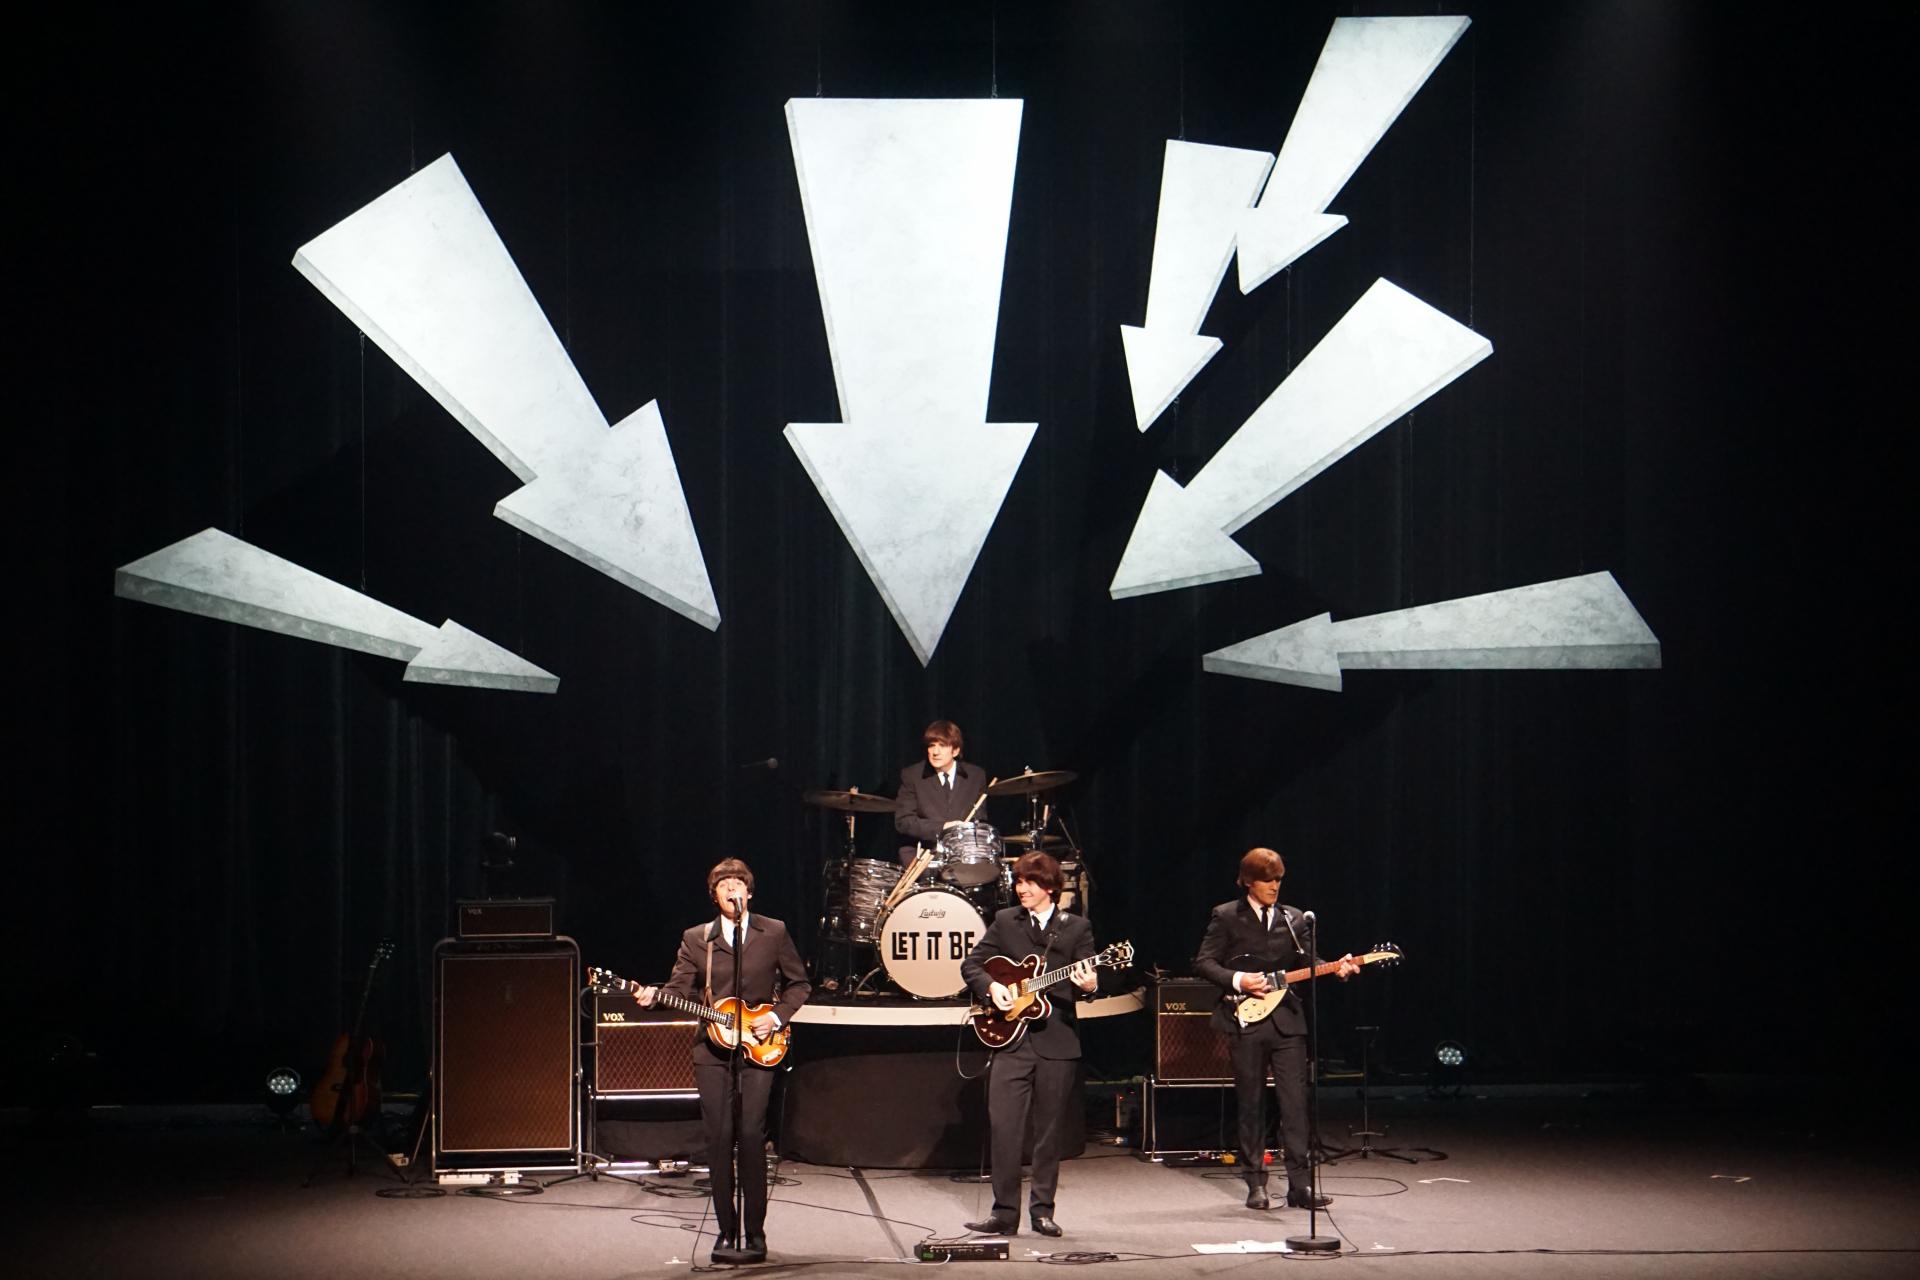 ビートルズの歴史を体感できる再現コンサート「LET IT BE 〜レット・イット・ビー〜」の日本ツアーが決定!